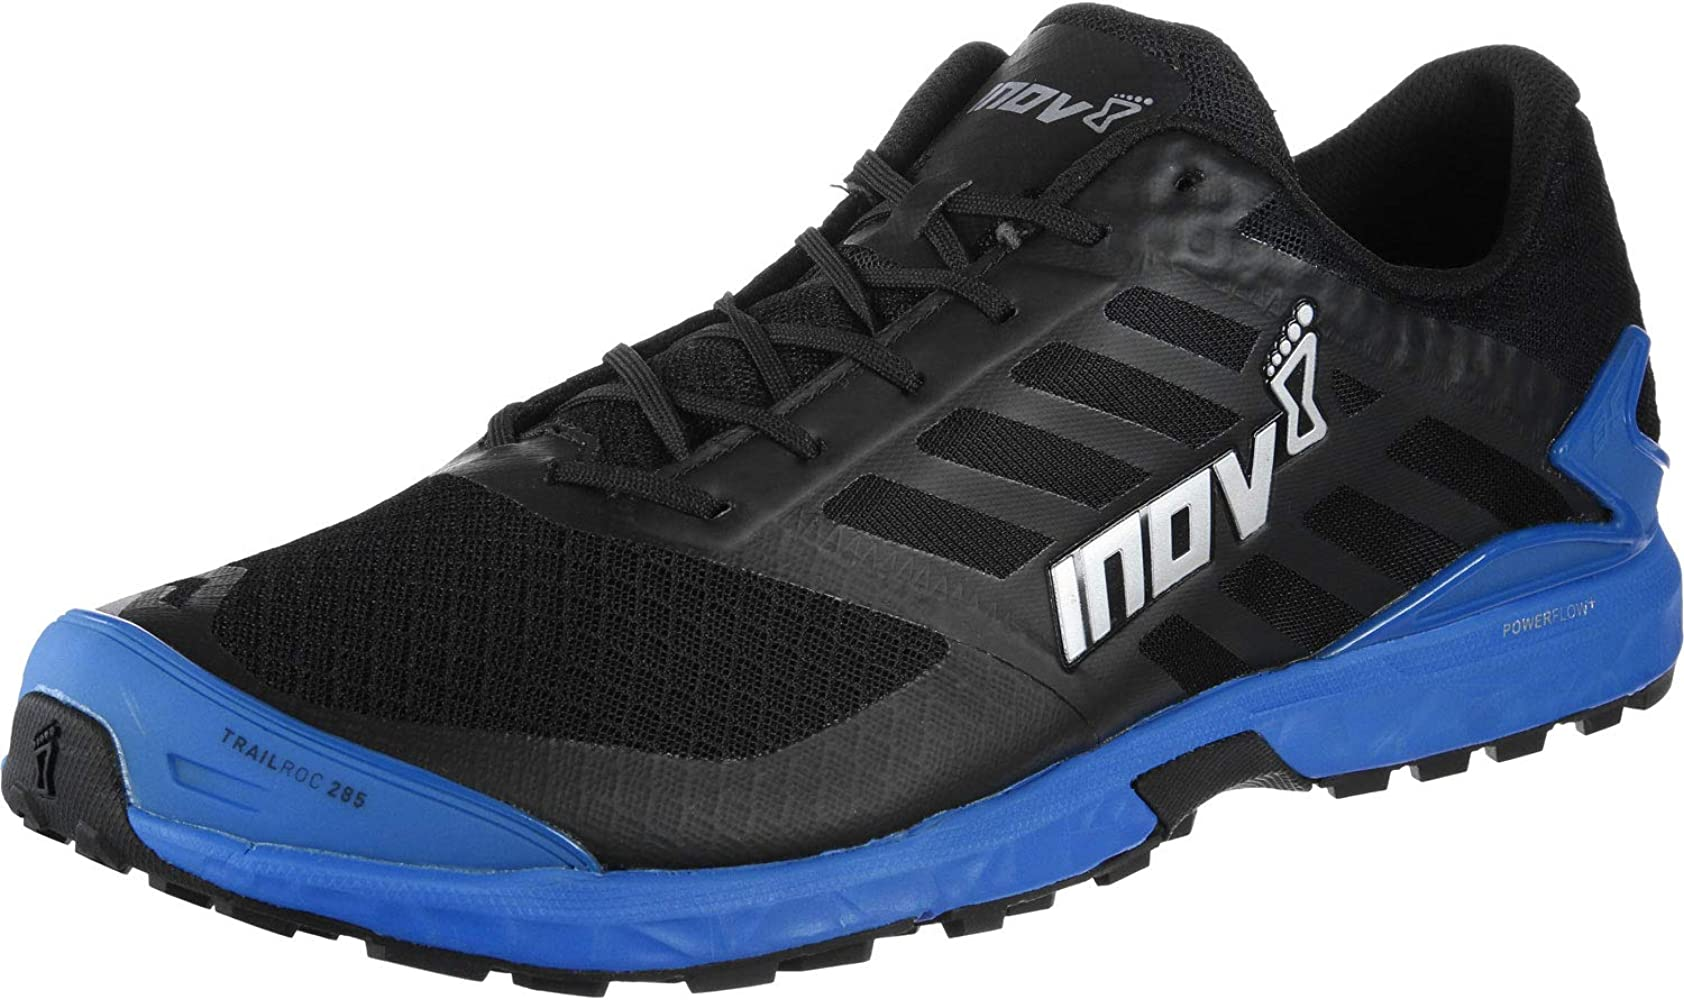 Inov8 Trail Roc 285 Zapatilla De Correr para Tierra - 39.5: Amazon.es: Zapatos y complementos